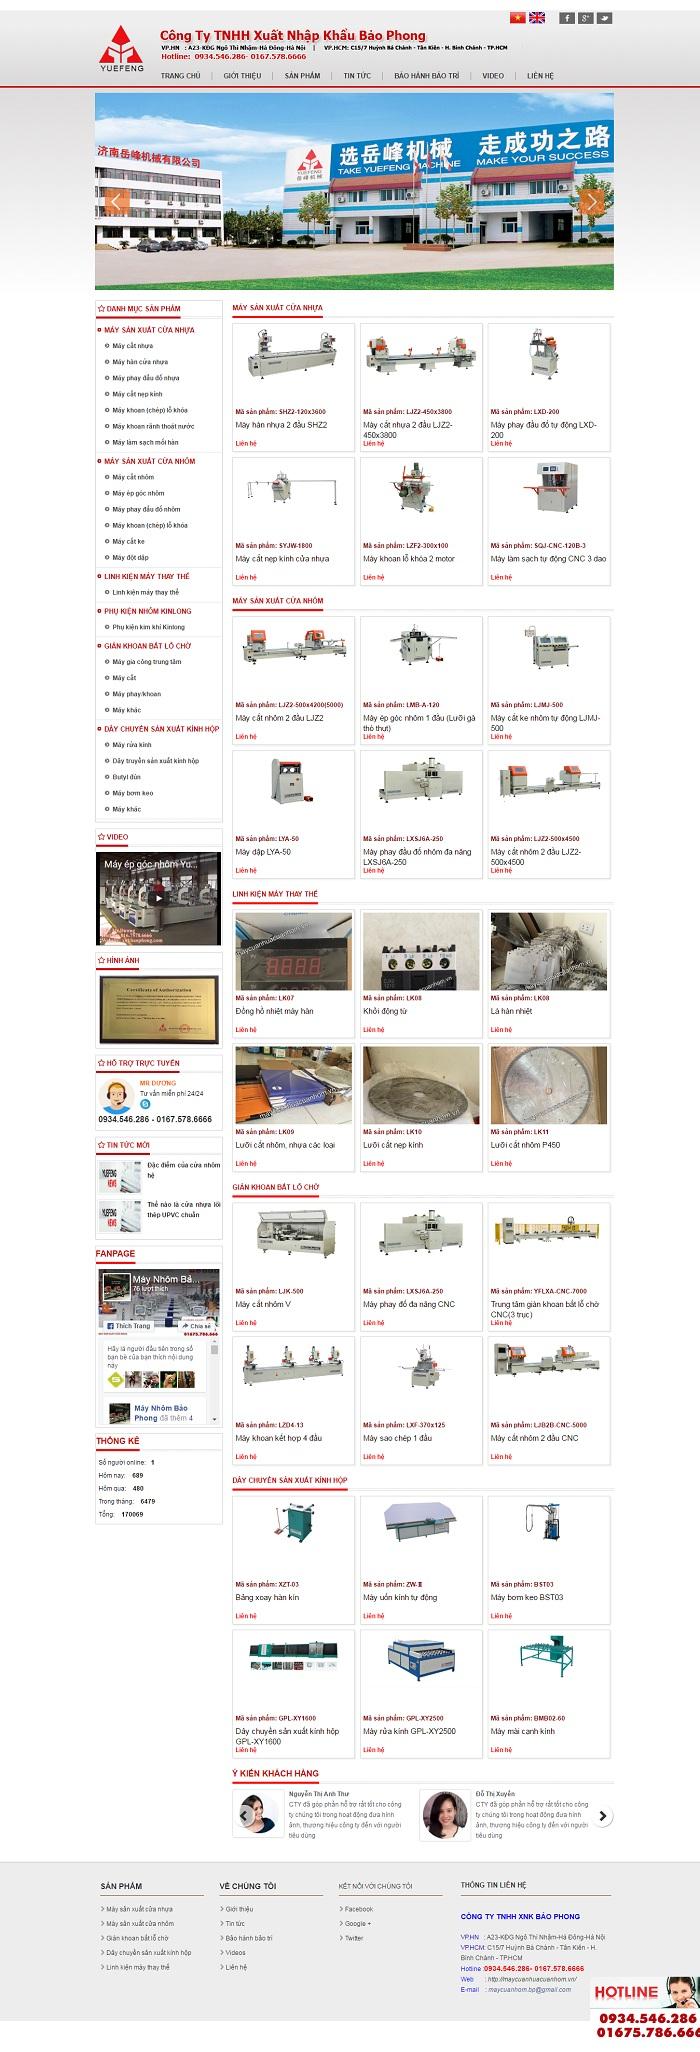 Mẫu website về Đồ thiết bị dành cho doanh nghiệp